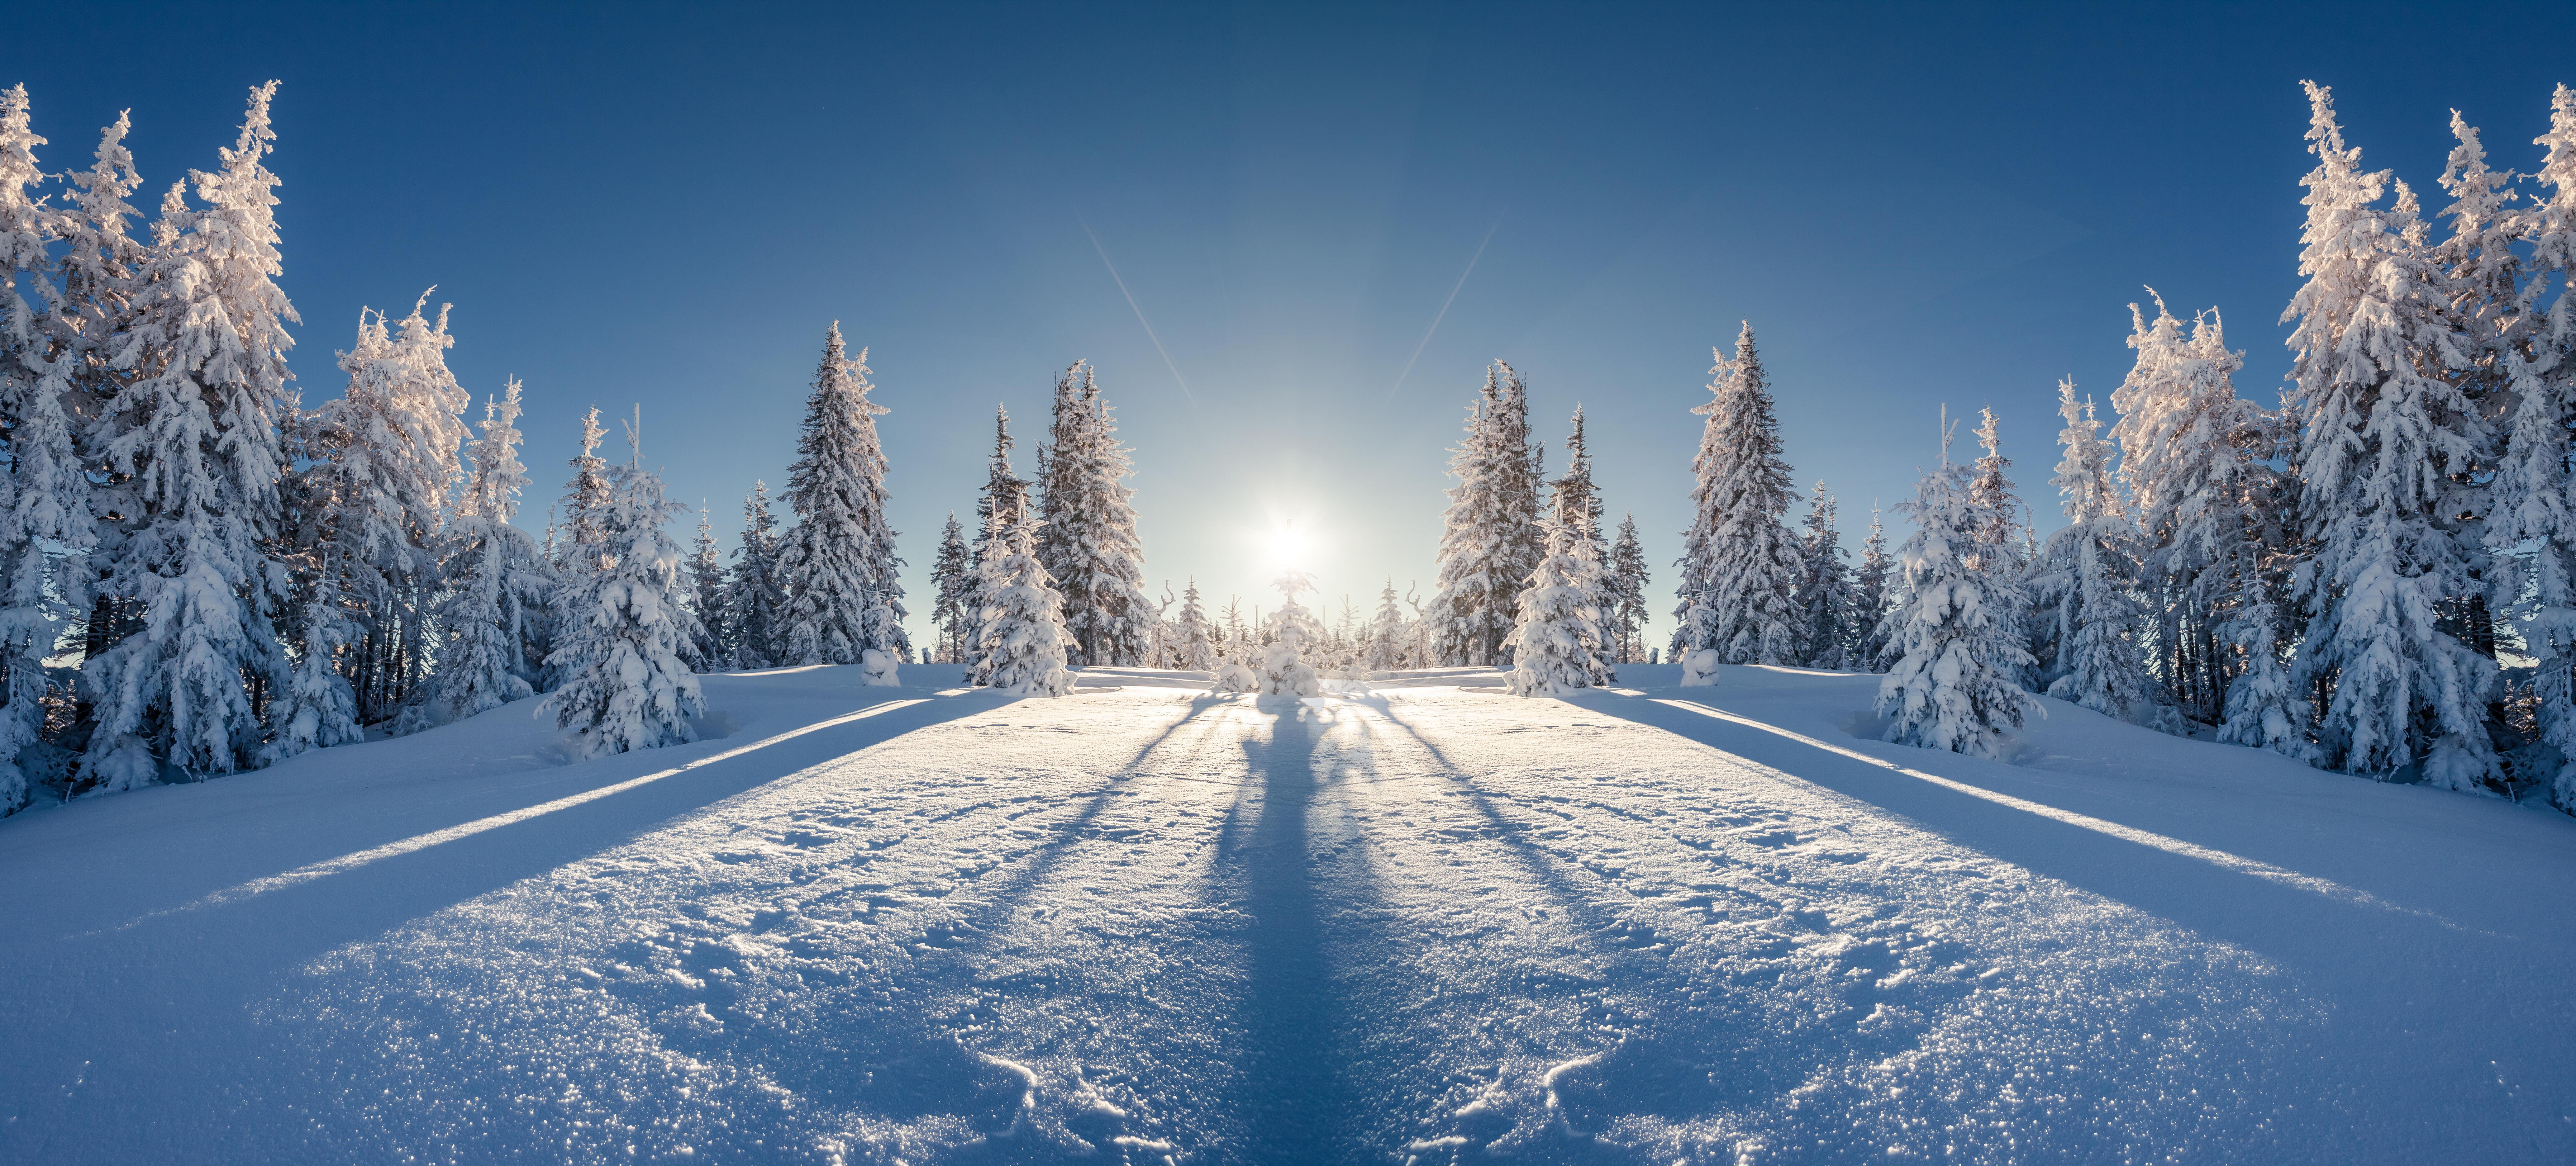 зимний солнечный лес  № 310467 без смс